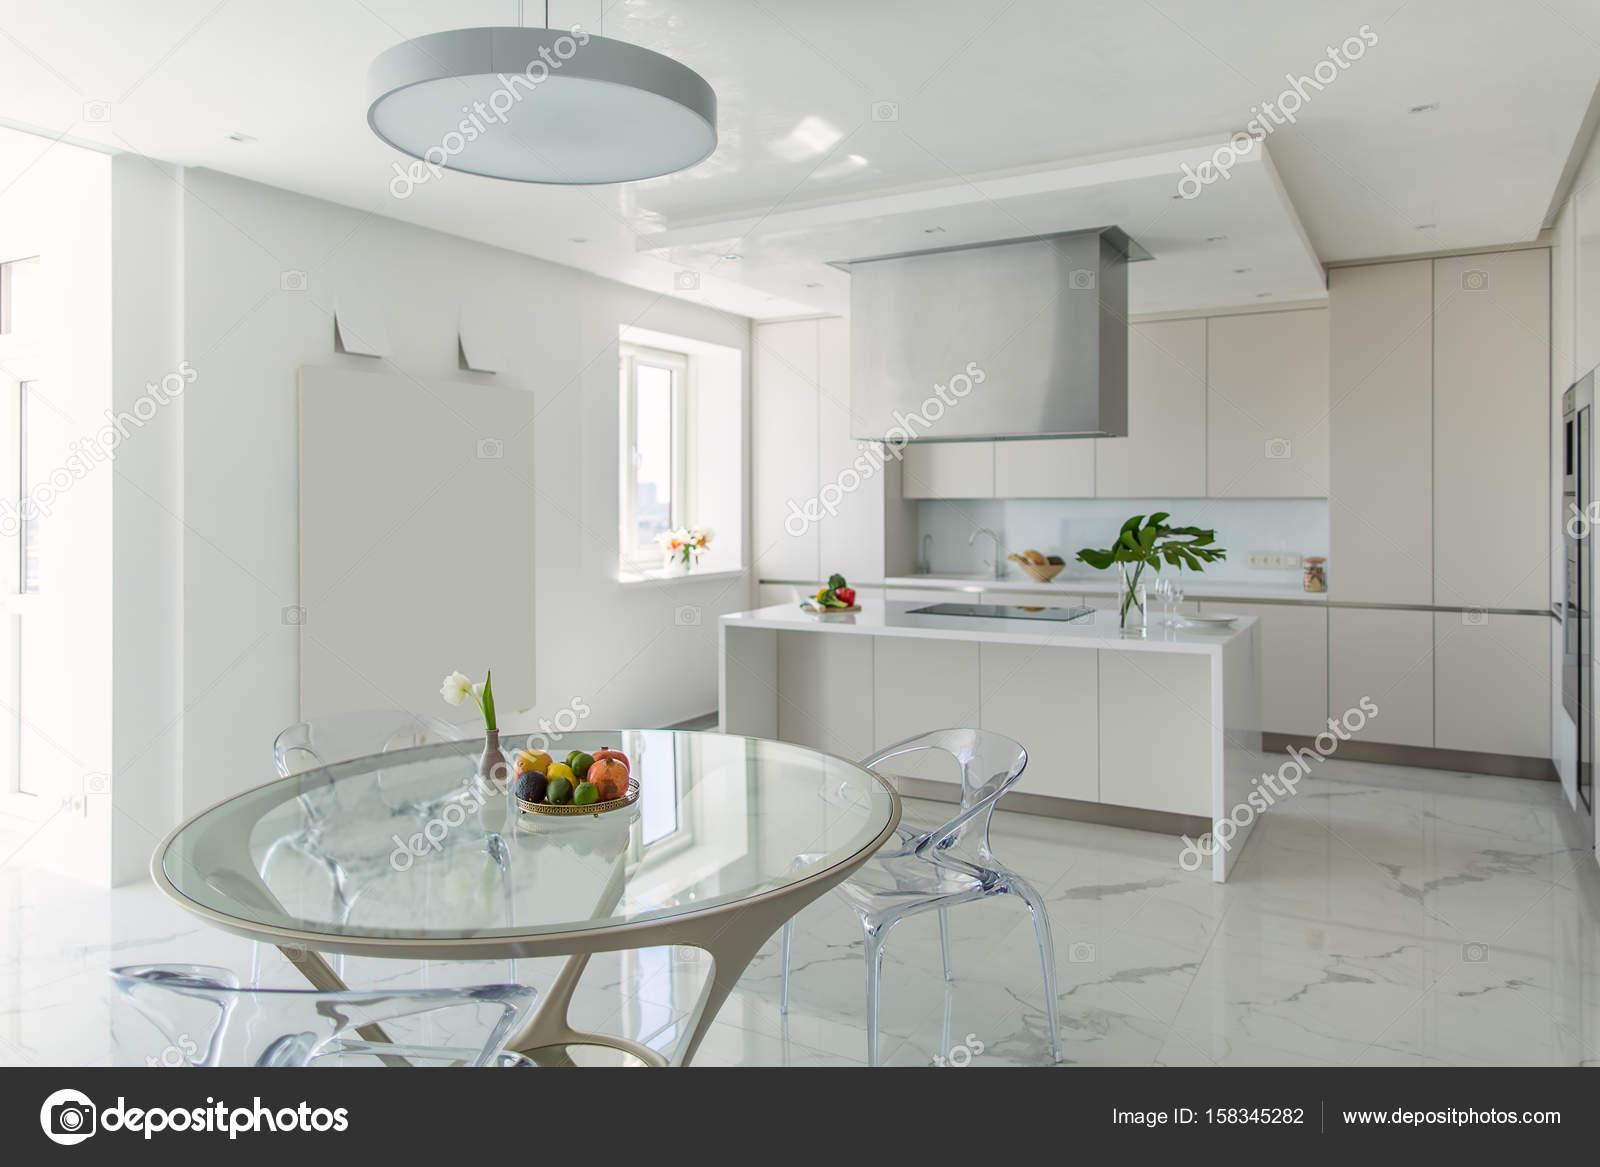 Cozinha Em Estilo Moderno Stock Photo Bezikus 158345282